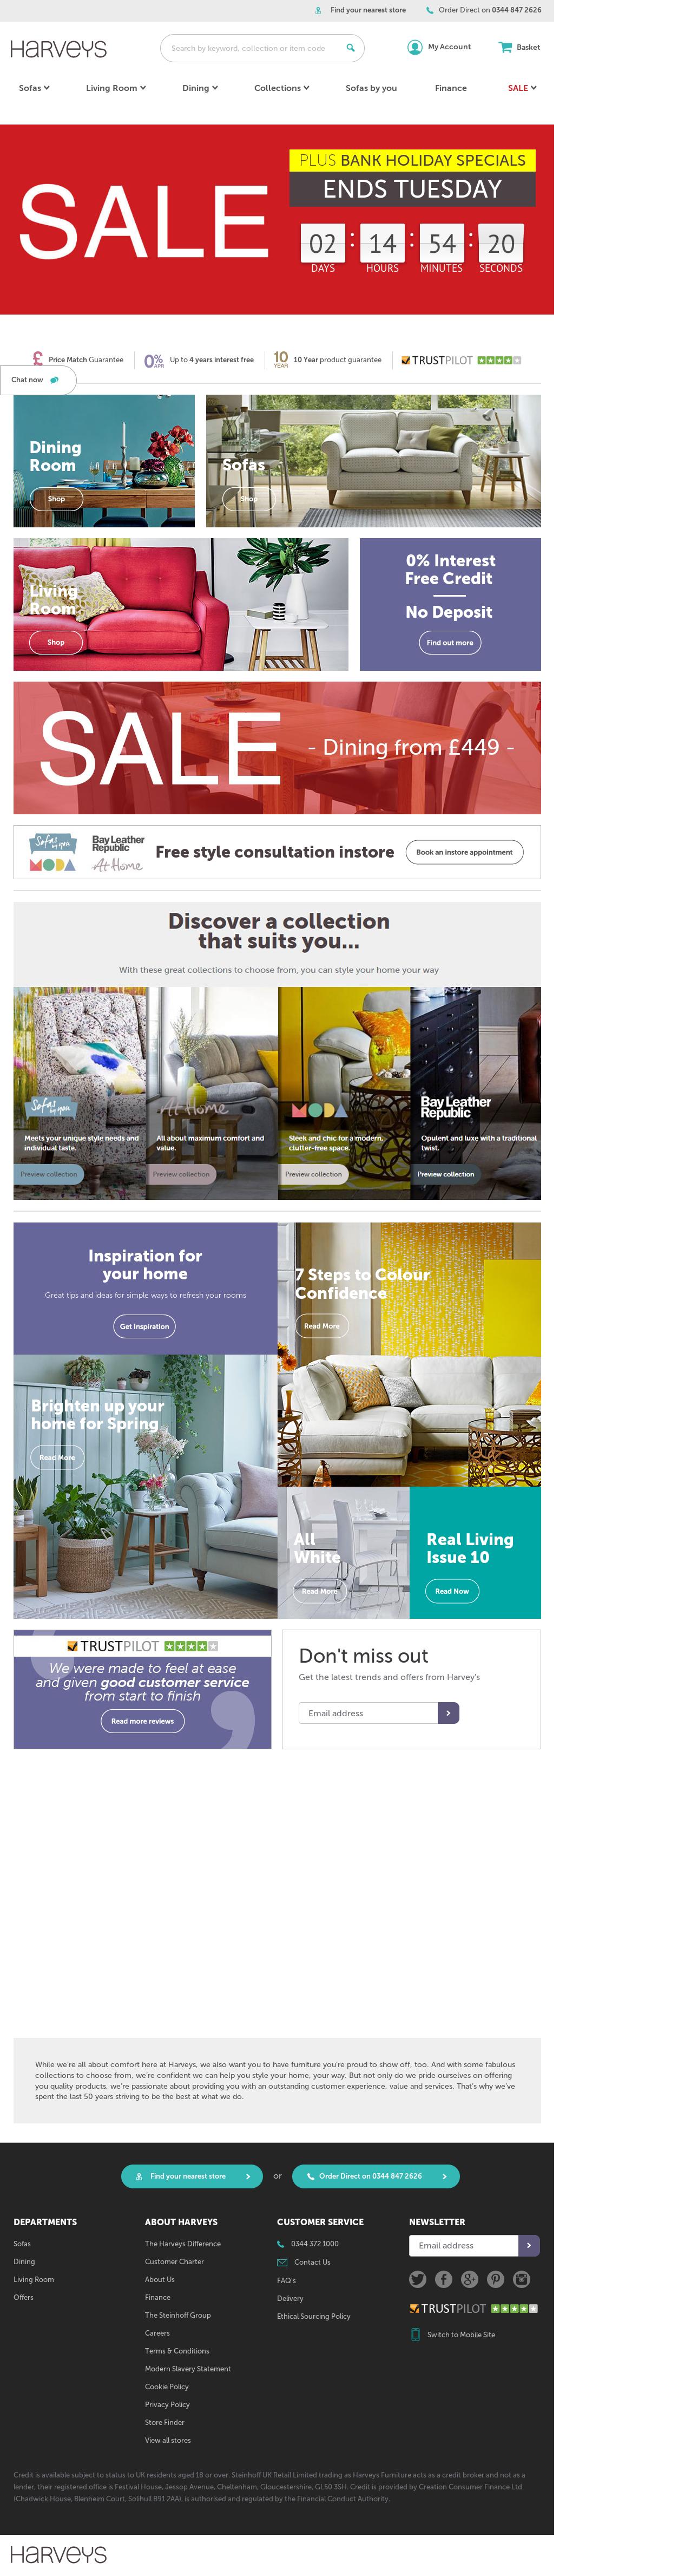 store for design bensons blog harveys senior and untitled owner major restructure furniture steinhoff reveals beds